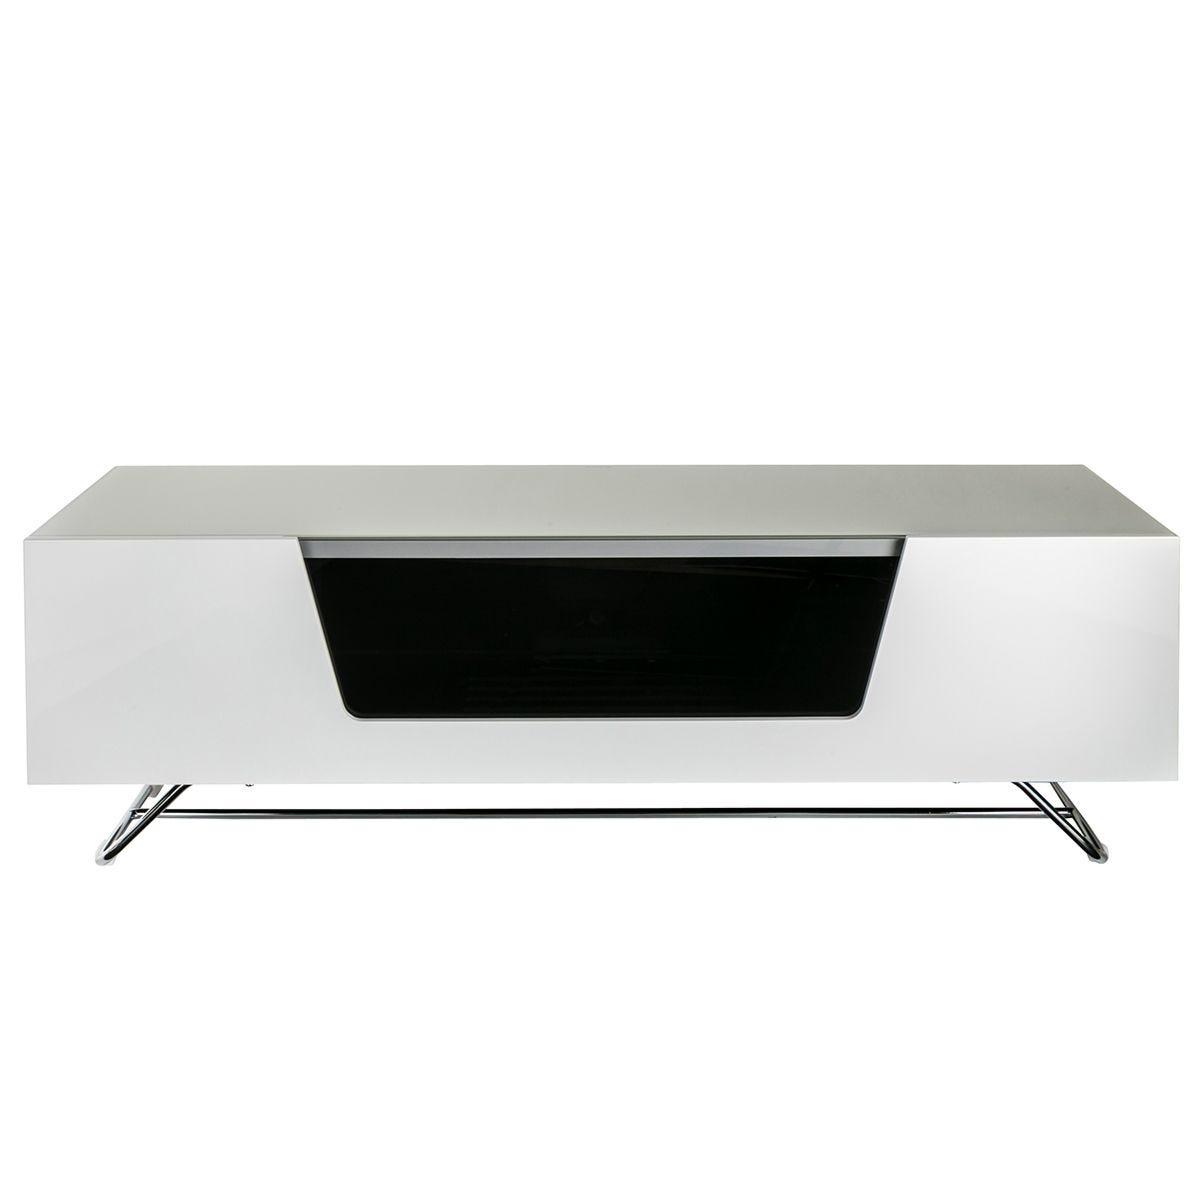 Alphason Chromium 2 1200 TV Stand - White